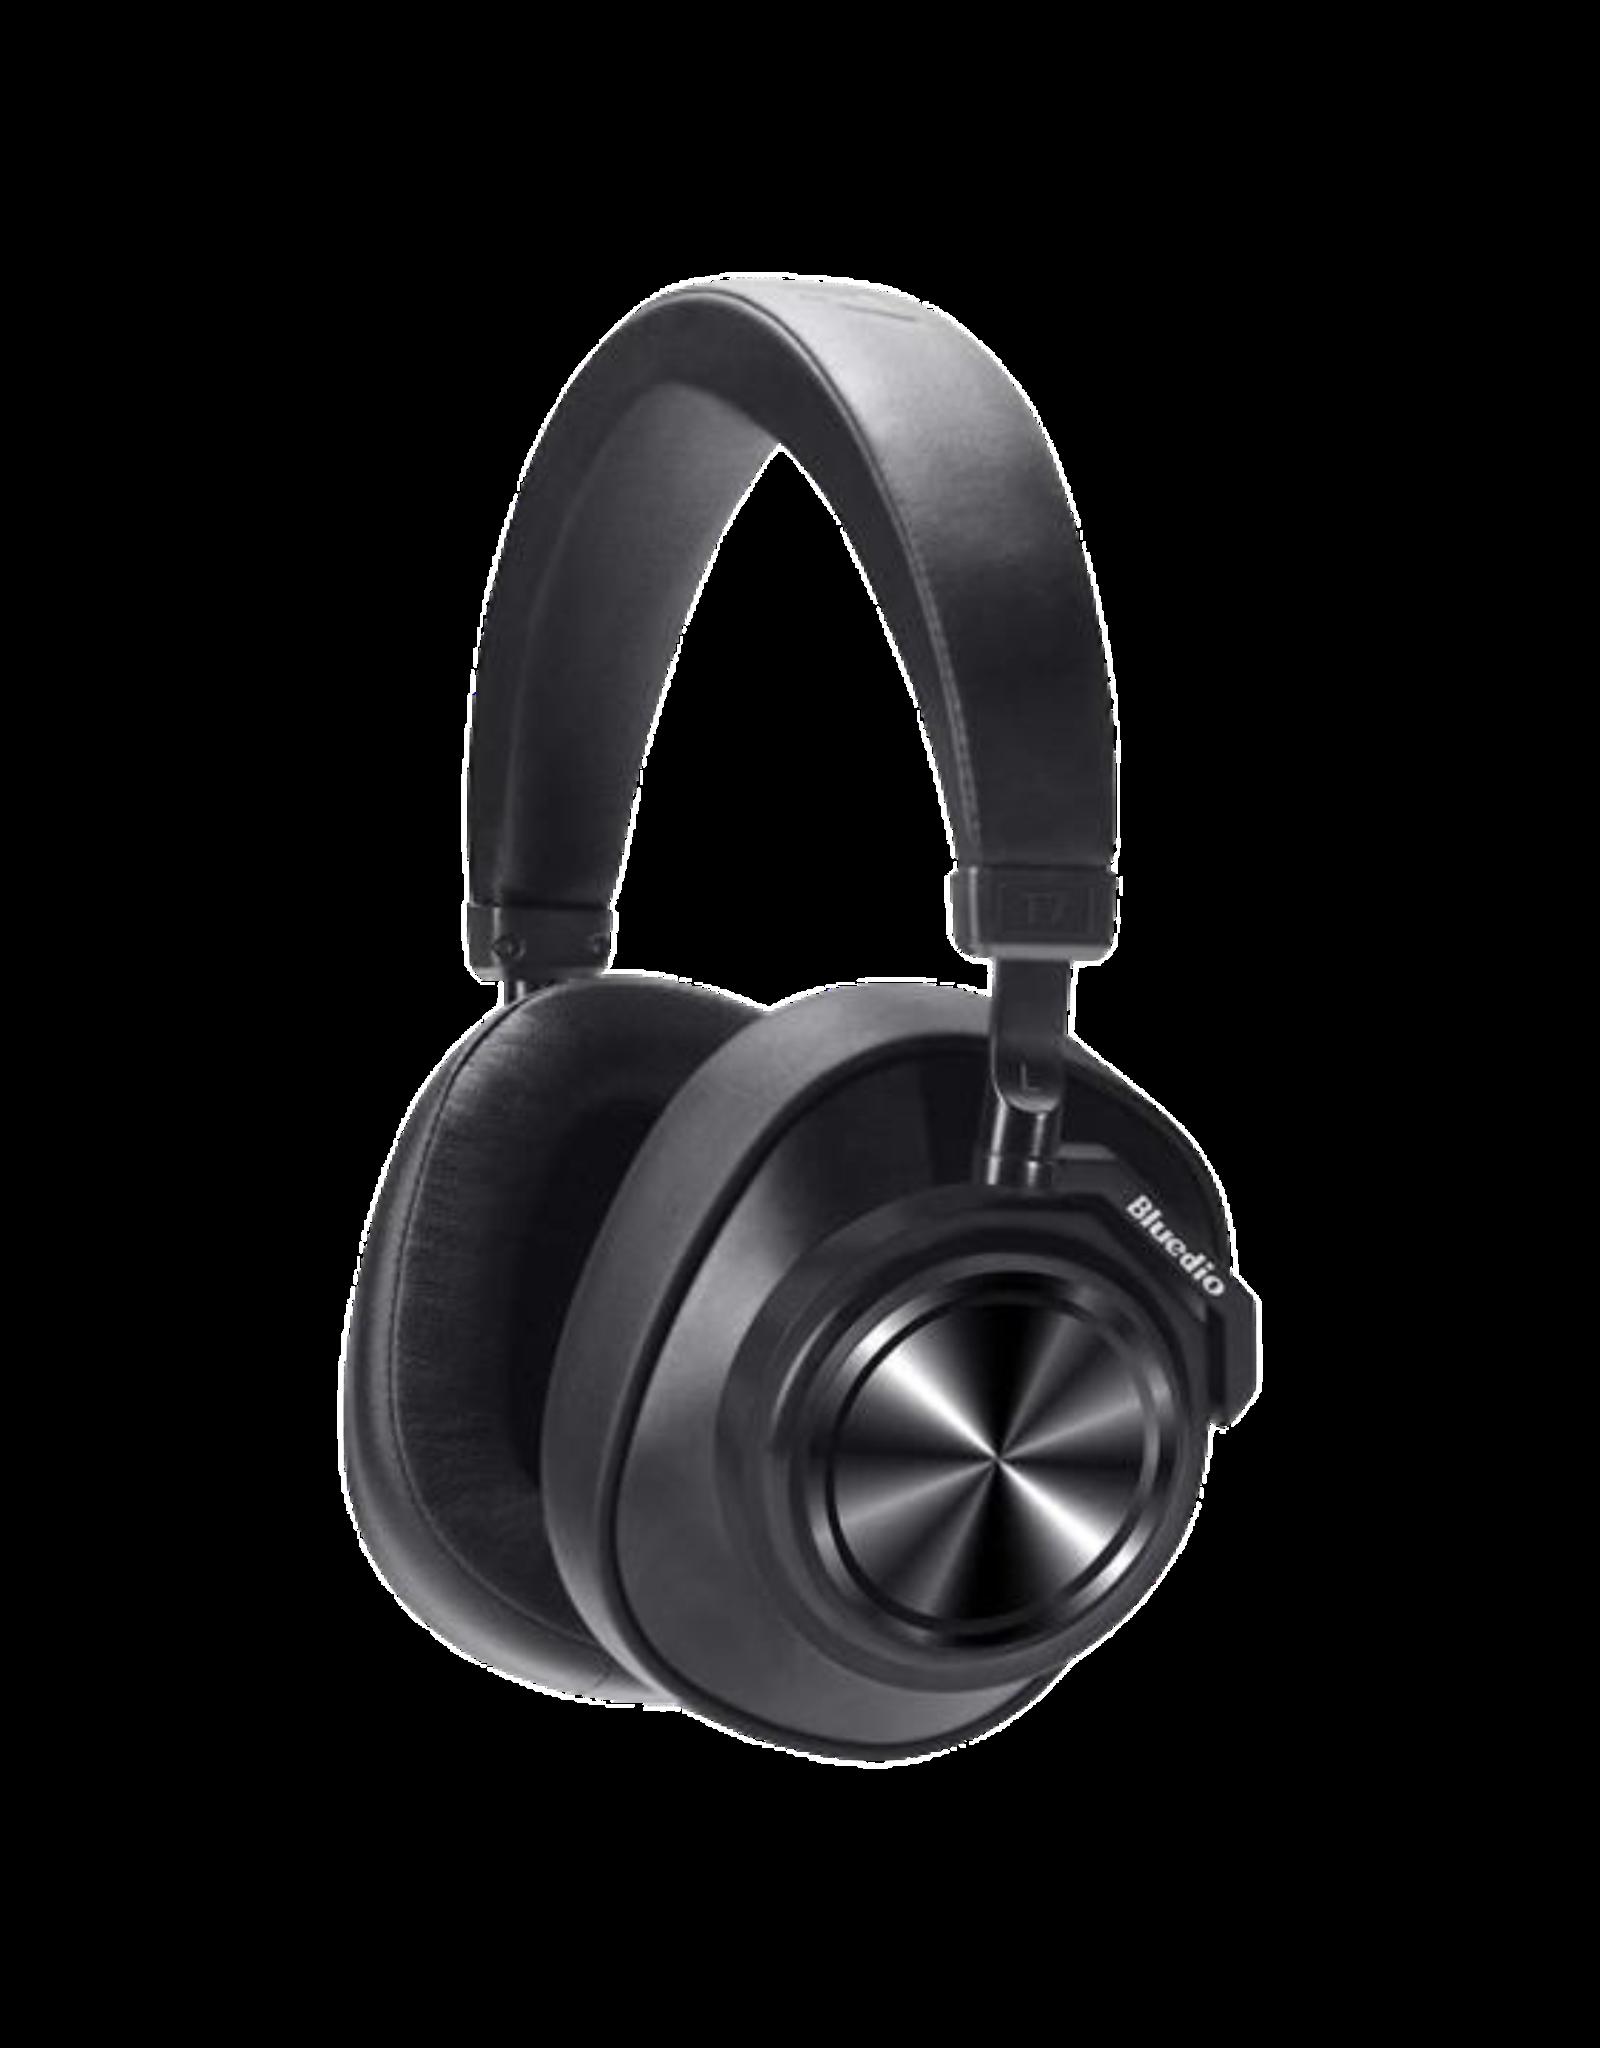 Bluedio Bluedio T7 Plus Headphone